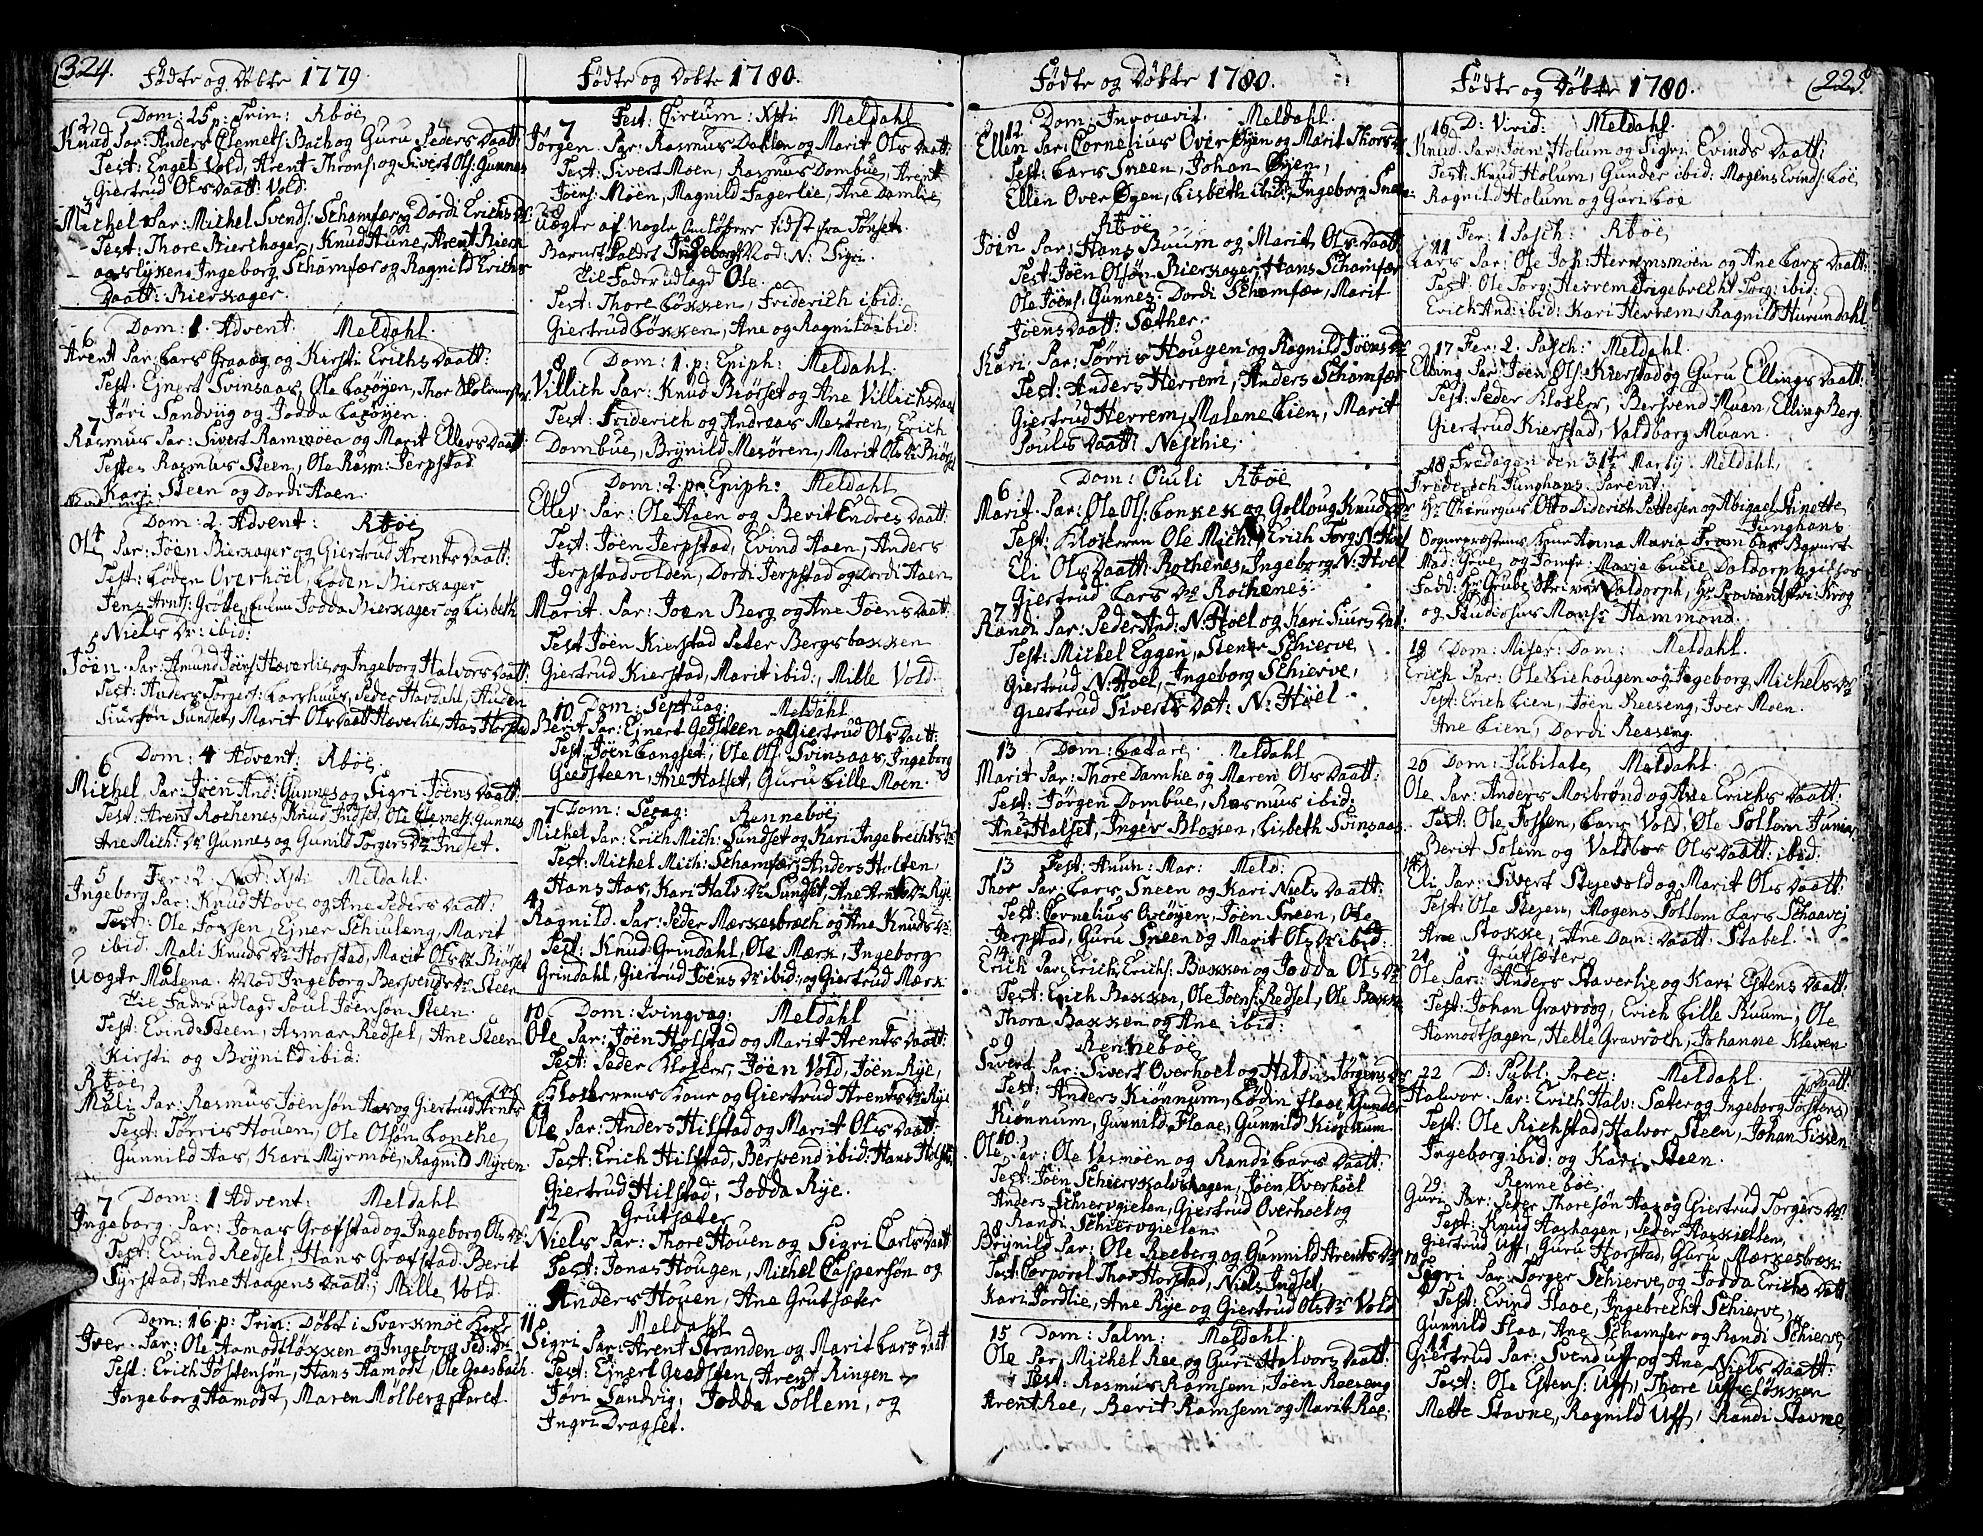 SAT, Ministerialprotokoller, klokkerbøker og fødselsregistre - Sør-Trøndelag, 672/L0852: Ministerialbok nr. 672A05, 1776-1815, s. 324-325